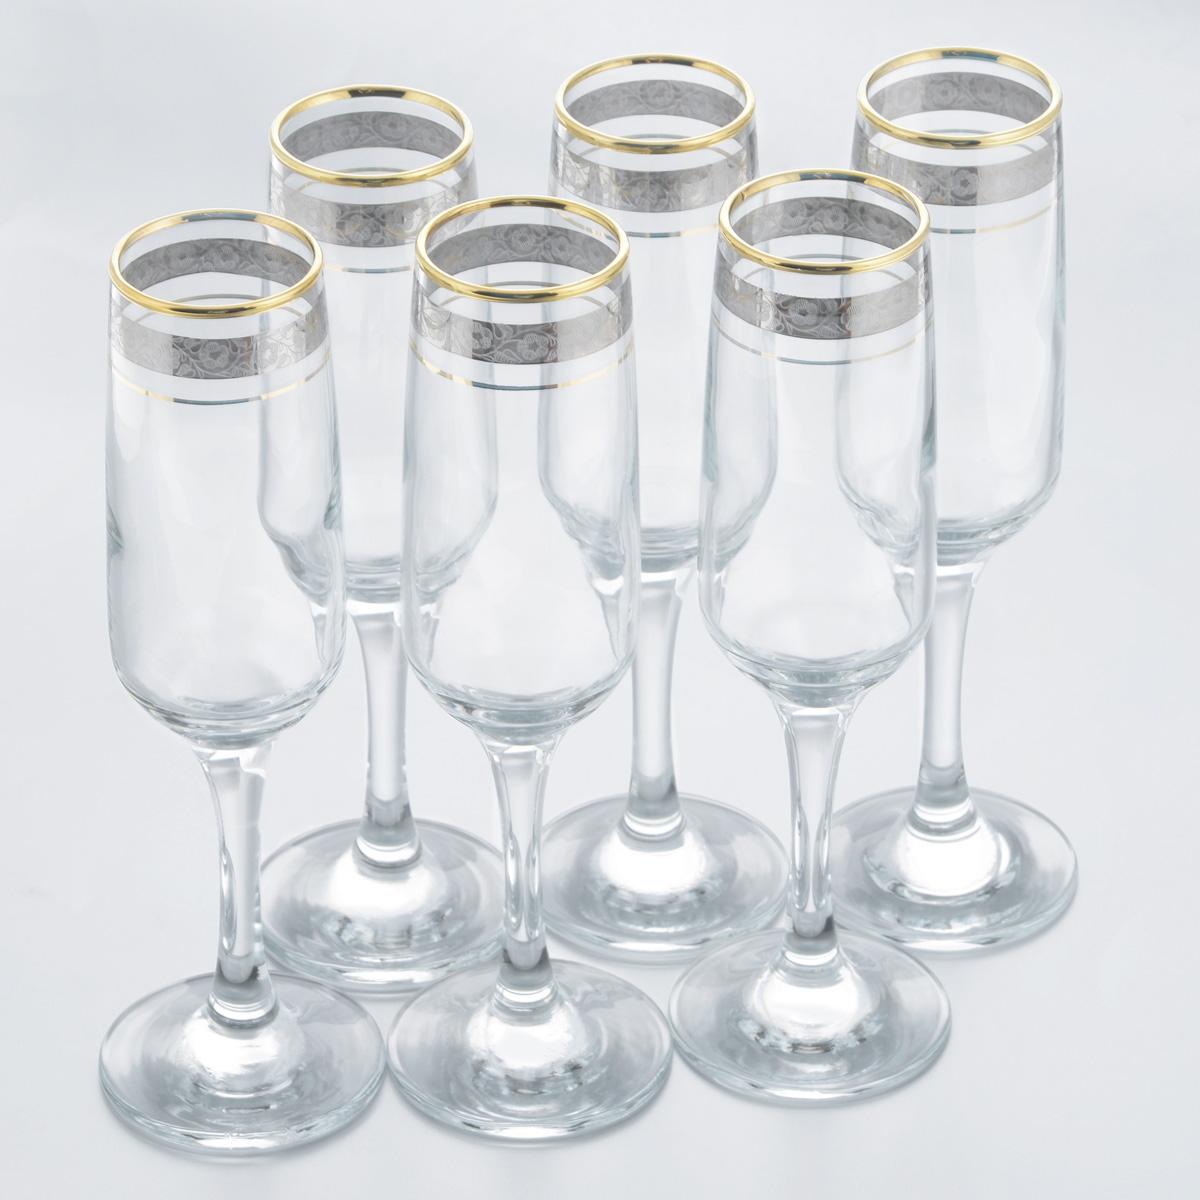 Набор бокалов Гусь Хрустальный Изабелла. Флорис, 250 мл, 6 штTL32-4170Набор Гусь Хрустальный Изабелла. Флорис состоит из шести бокалов, выполненных из прочного натрий-кальций-силикатного стекла. Изящные бокалы на высоких ножках, декорированные золотистым орнаментом и окантовкой, прекрасно подойдут для подачи шампанского или вина. Бокалы излучают приятный блеск и издают мелодичный звон, сочетают в себе элегантный дизайн и функциональность. Набор бокалов Гусь Хрустальный Изабелла. Флориспрекрасно оформит праздничный стол и создаст приятную атмосферу за романтическим ужином. Такой набор также станет хорошим подарком к любому случаю. Можно мыть в посудомоечной машине или вручную с использованием моющих средств, не содержащих абразивных материалов.Диаметр бокала (по верхнему краю): 4,5 см. Высота бокала: 22 см. Диаметр основания: 7 см.